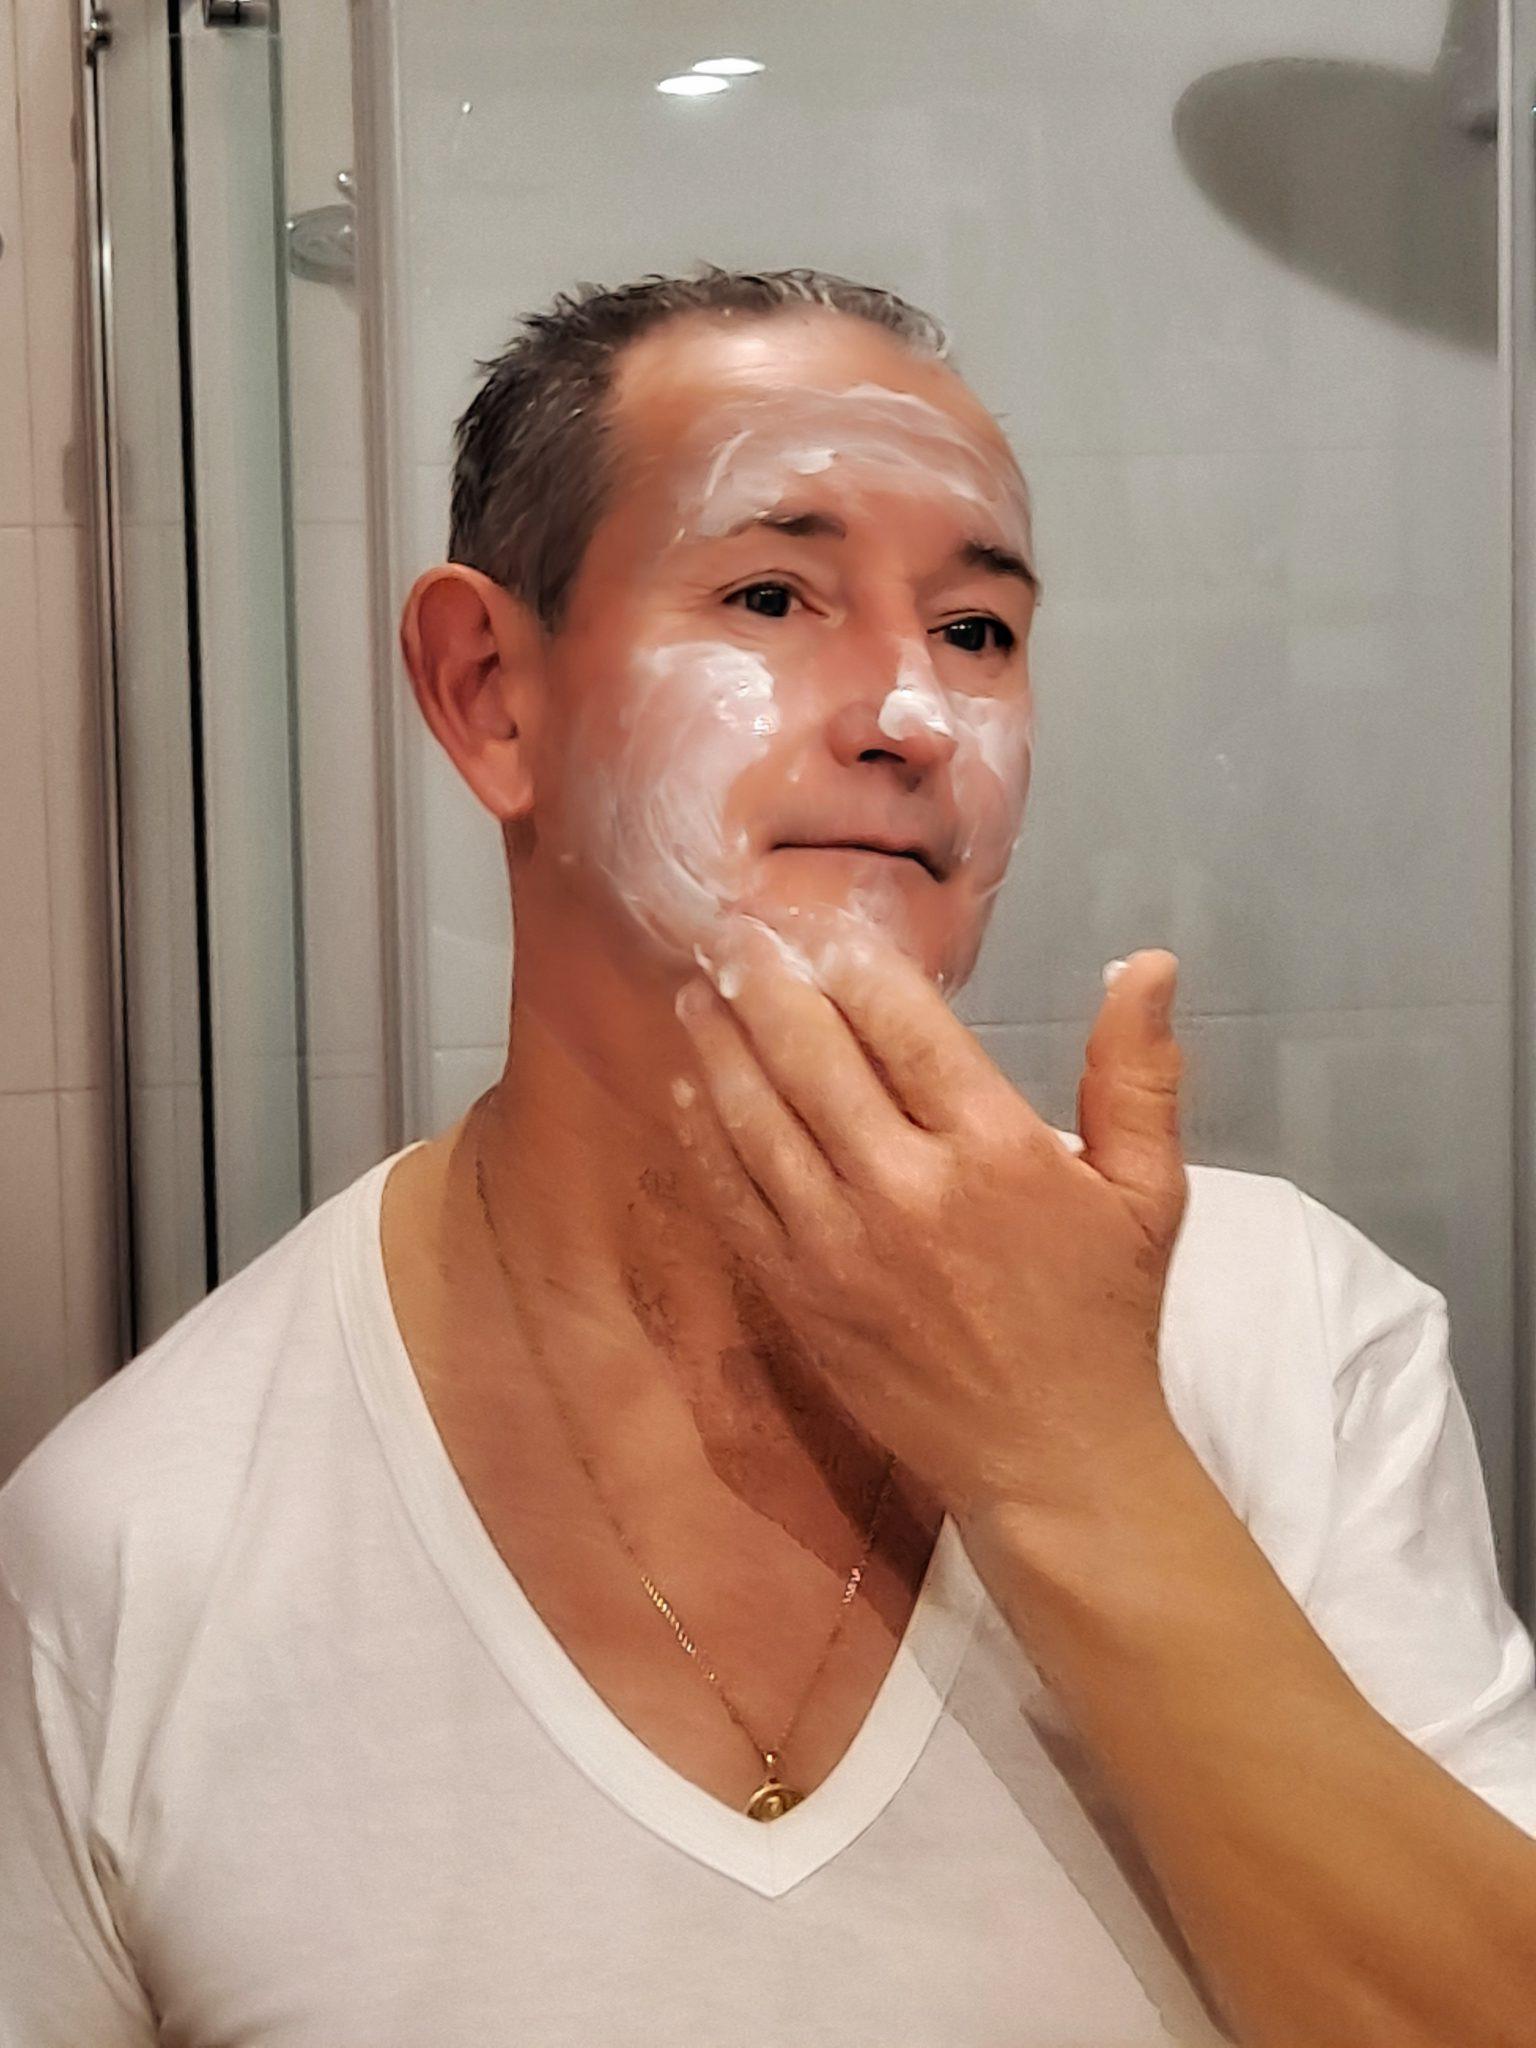 el marido de abuela a la última se aplica crema en la cara frente al espejo.